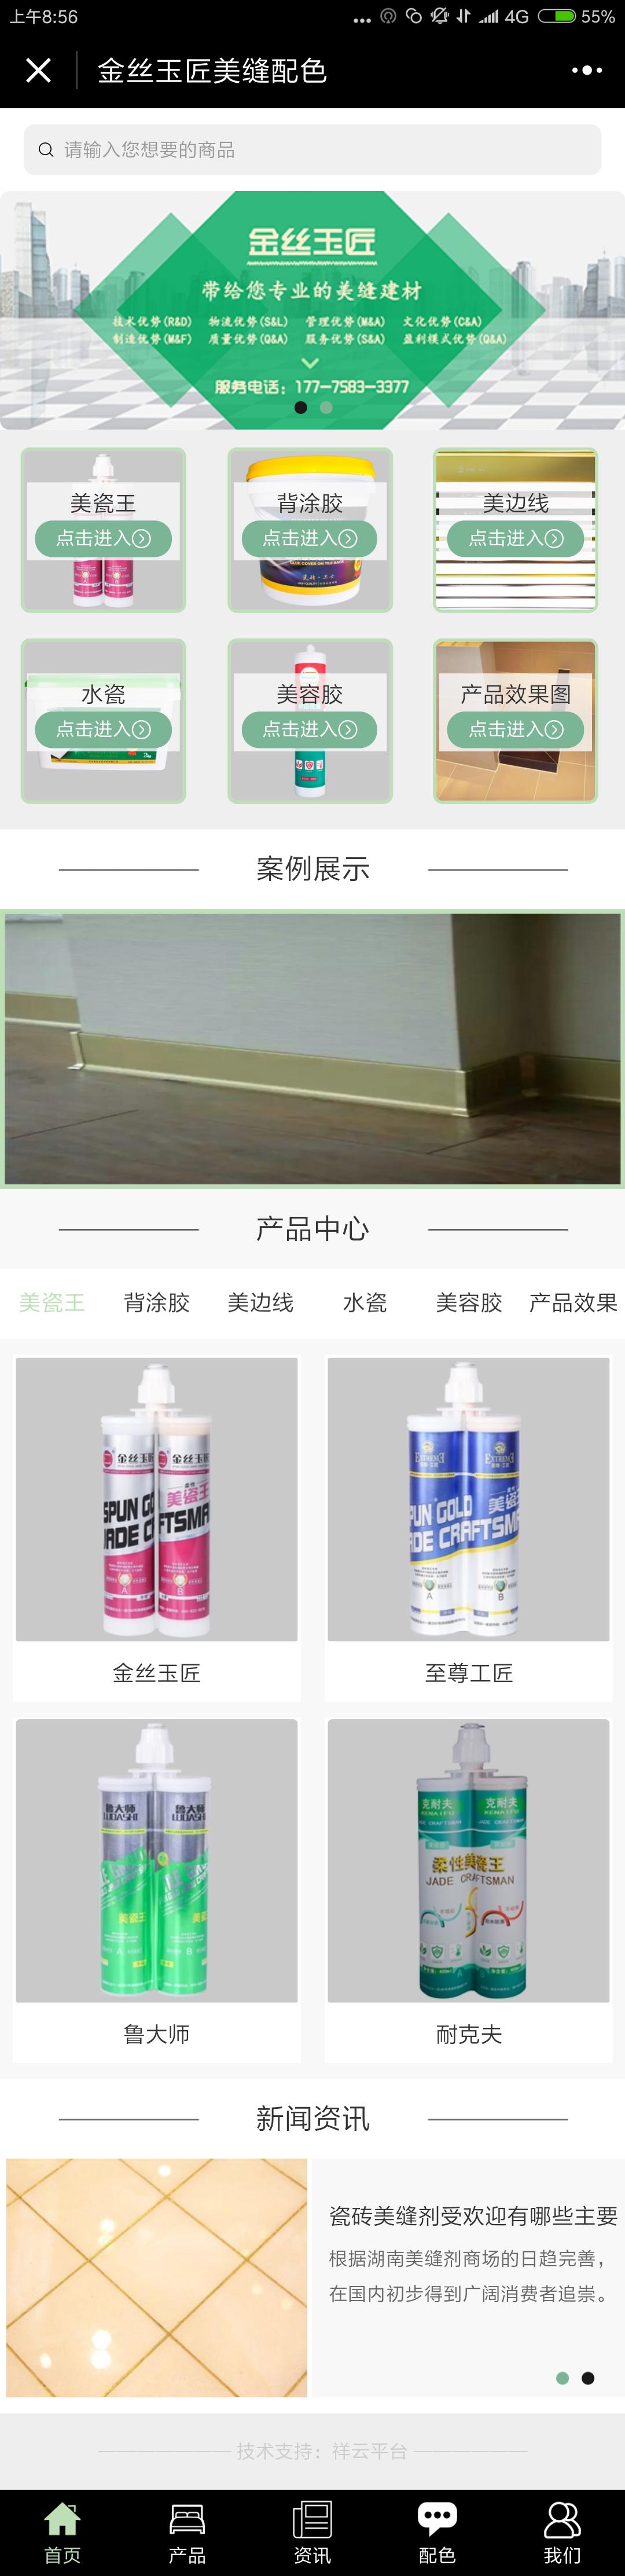 易图:金丝玉匠开发的美缝配色微信小程序上线!|易图新闻-湖南易图